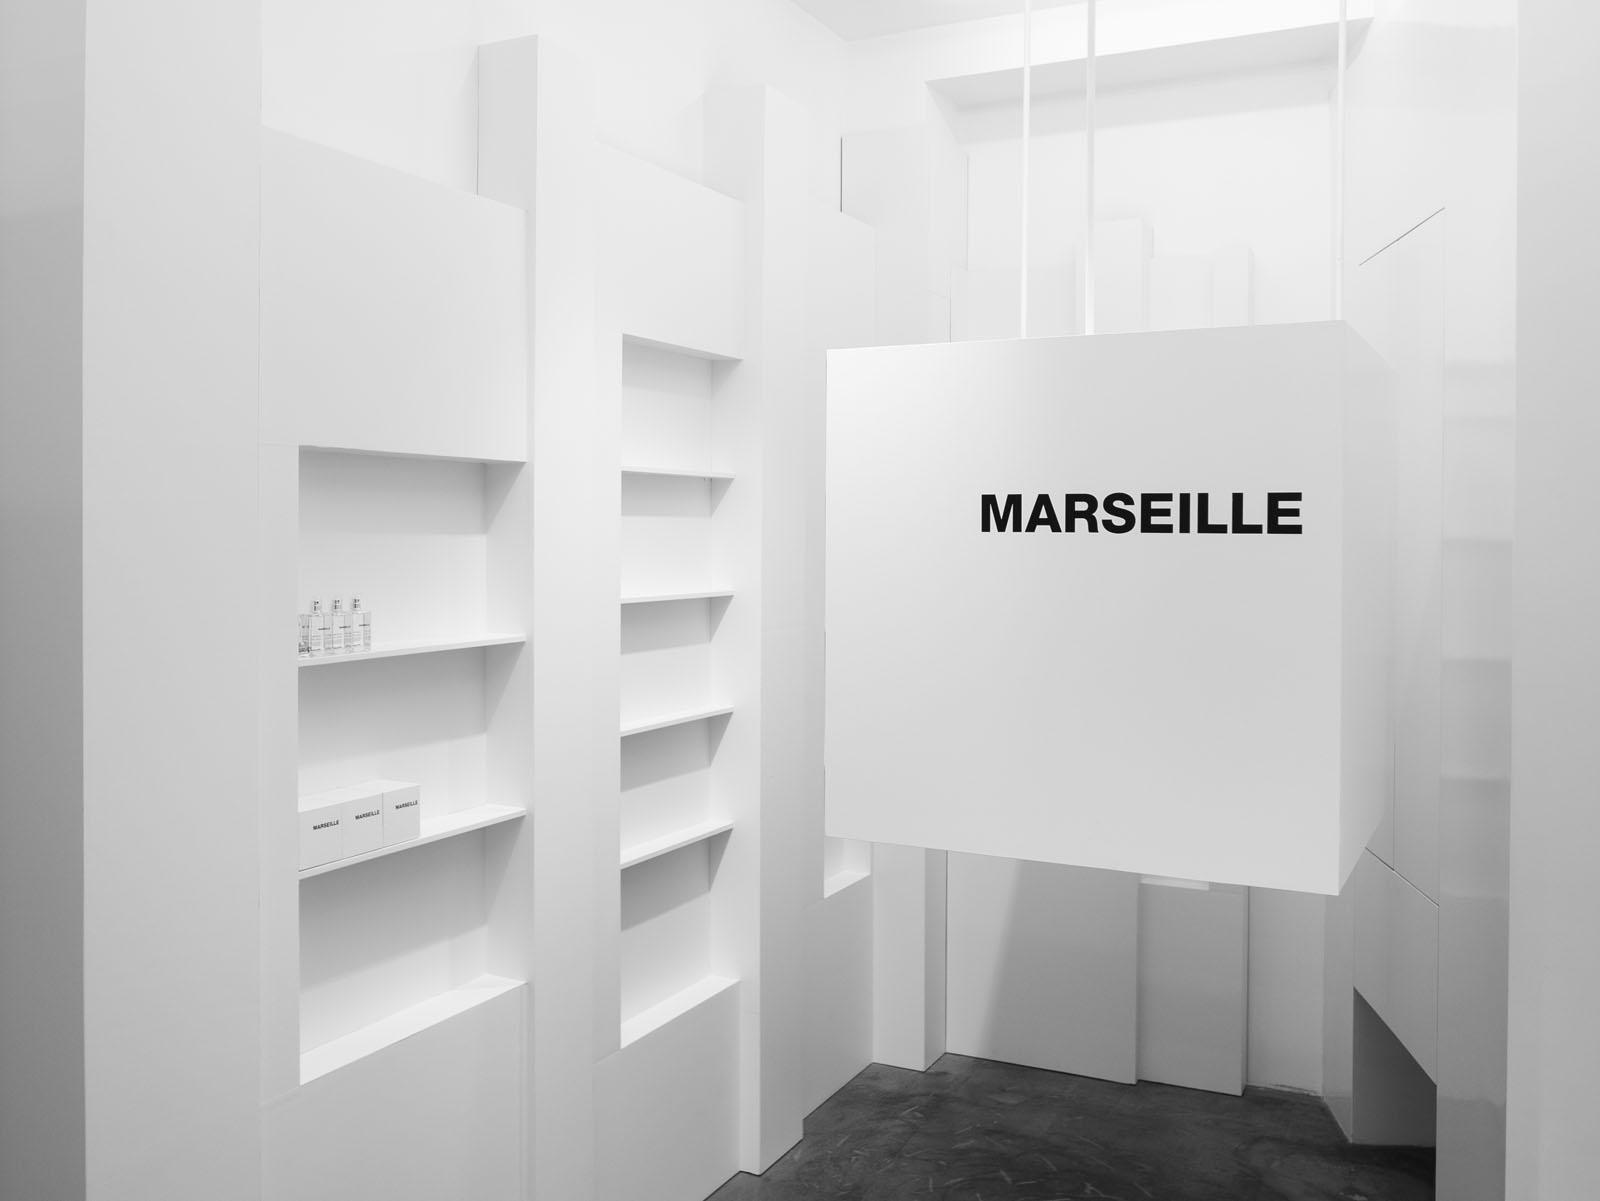 MARSEILLE_3.jpg